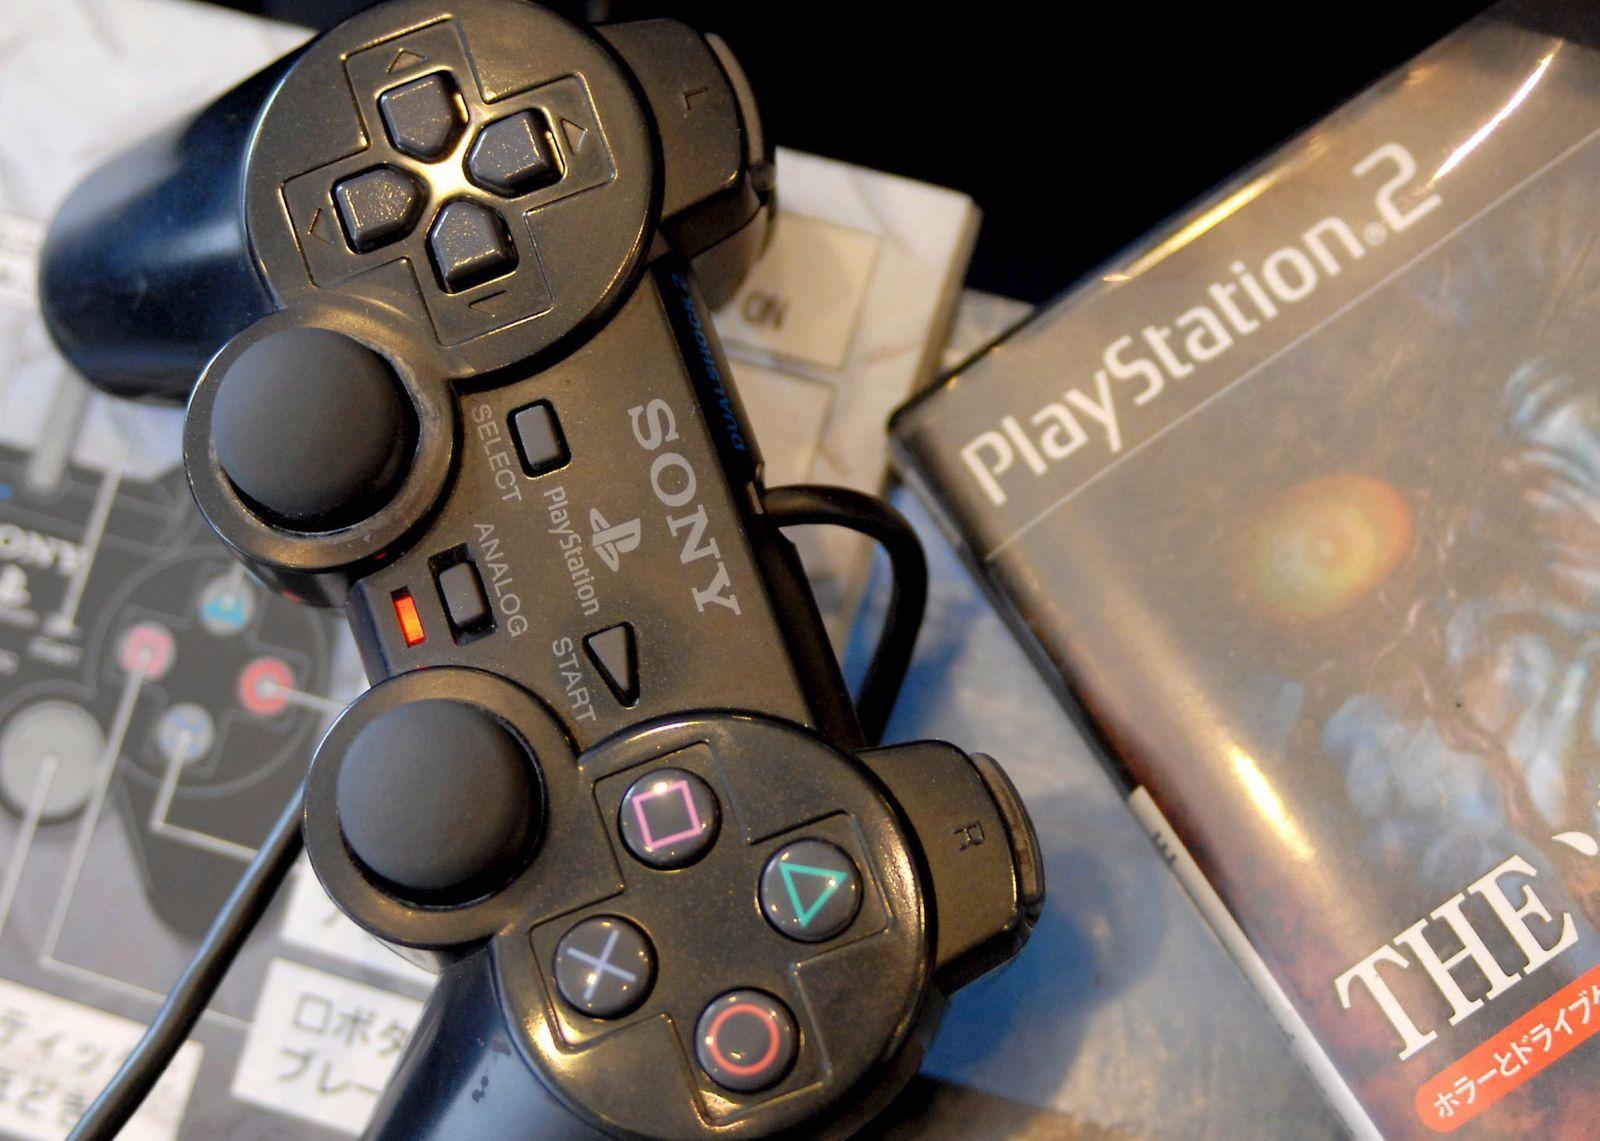 Sony verschiebt Einführung der Playstation 3 in Europa